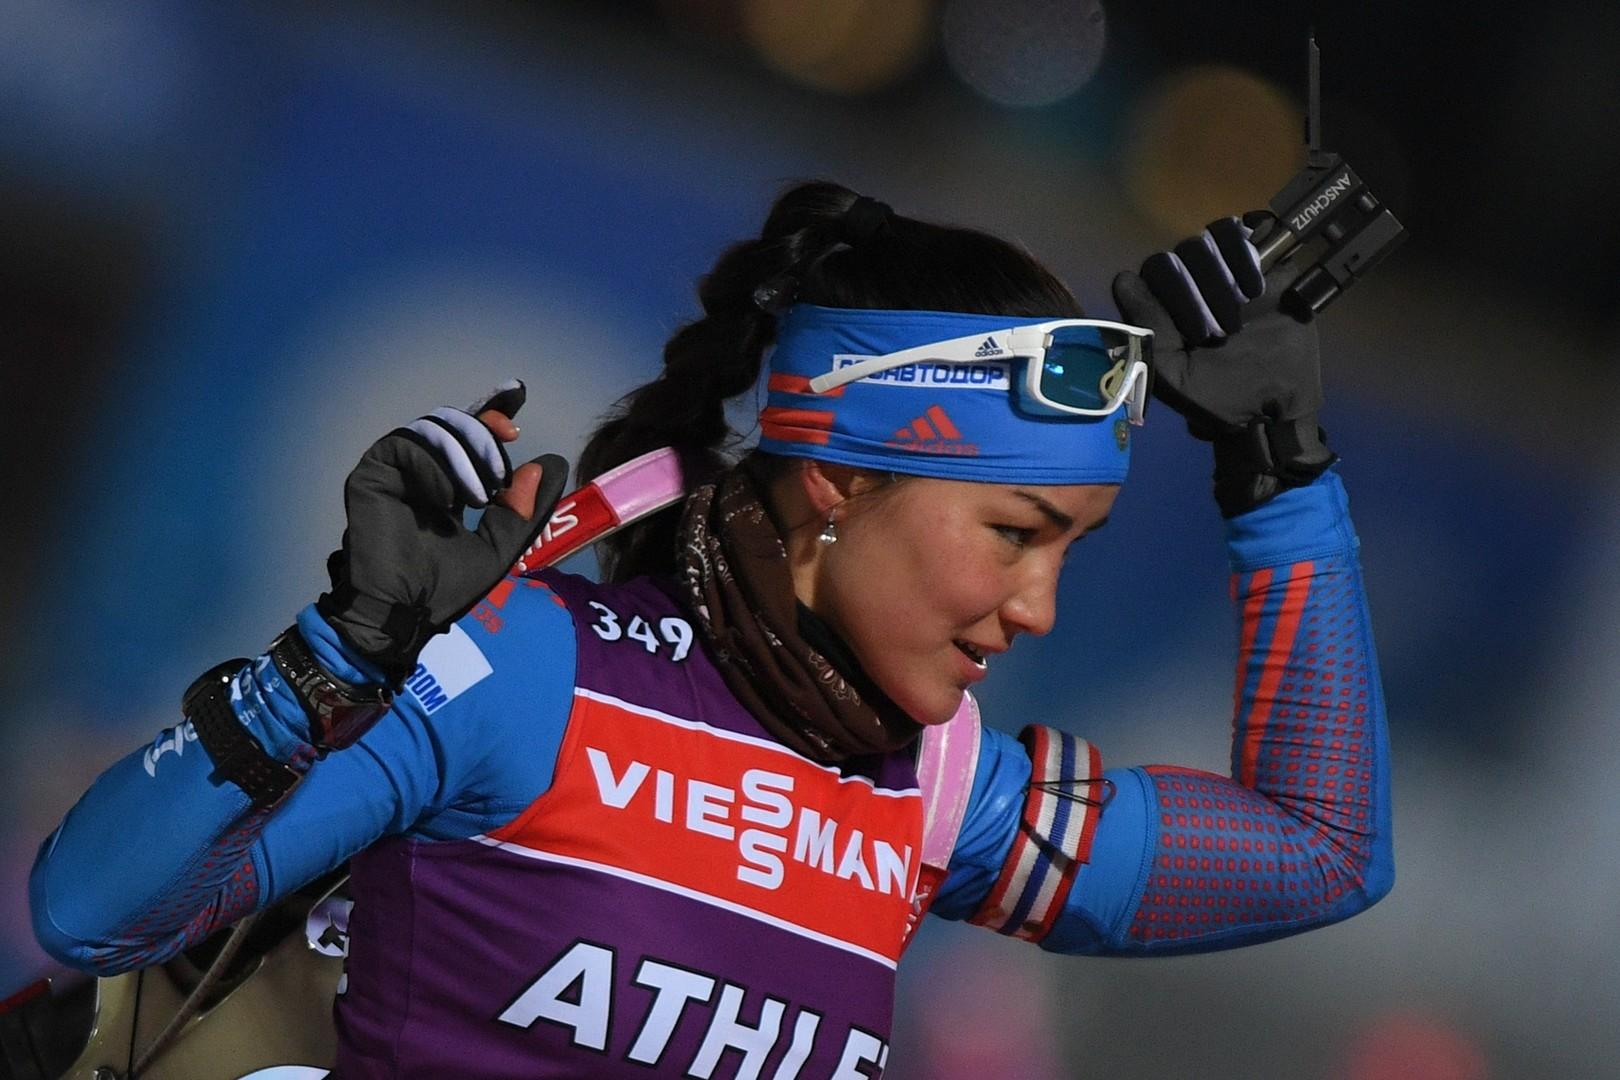 «Вы чисты от допинга?»: как отреагировали на триумф Акимовой на Кубке мира по биатлону